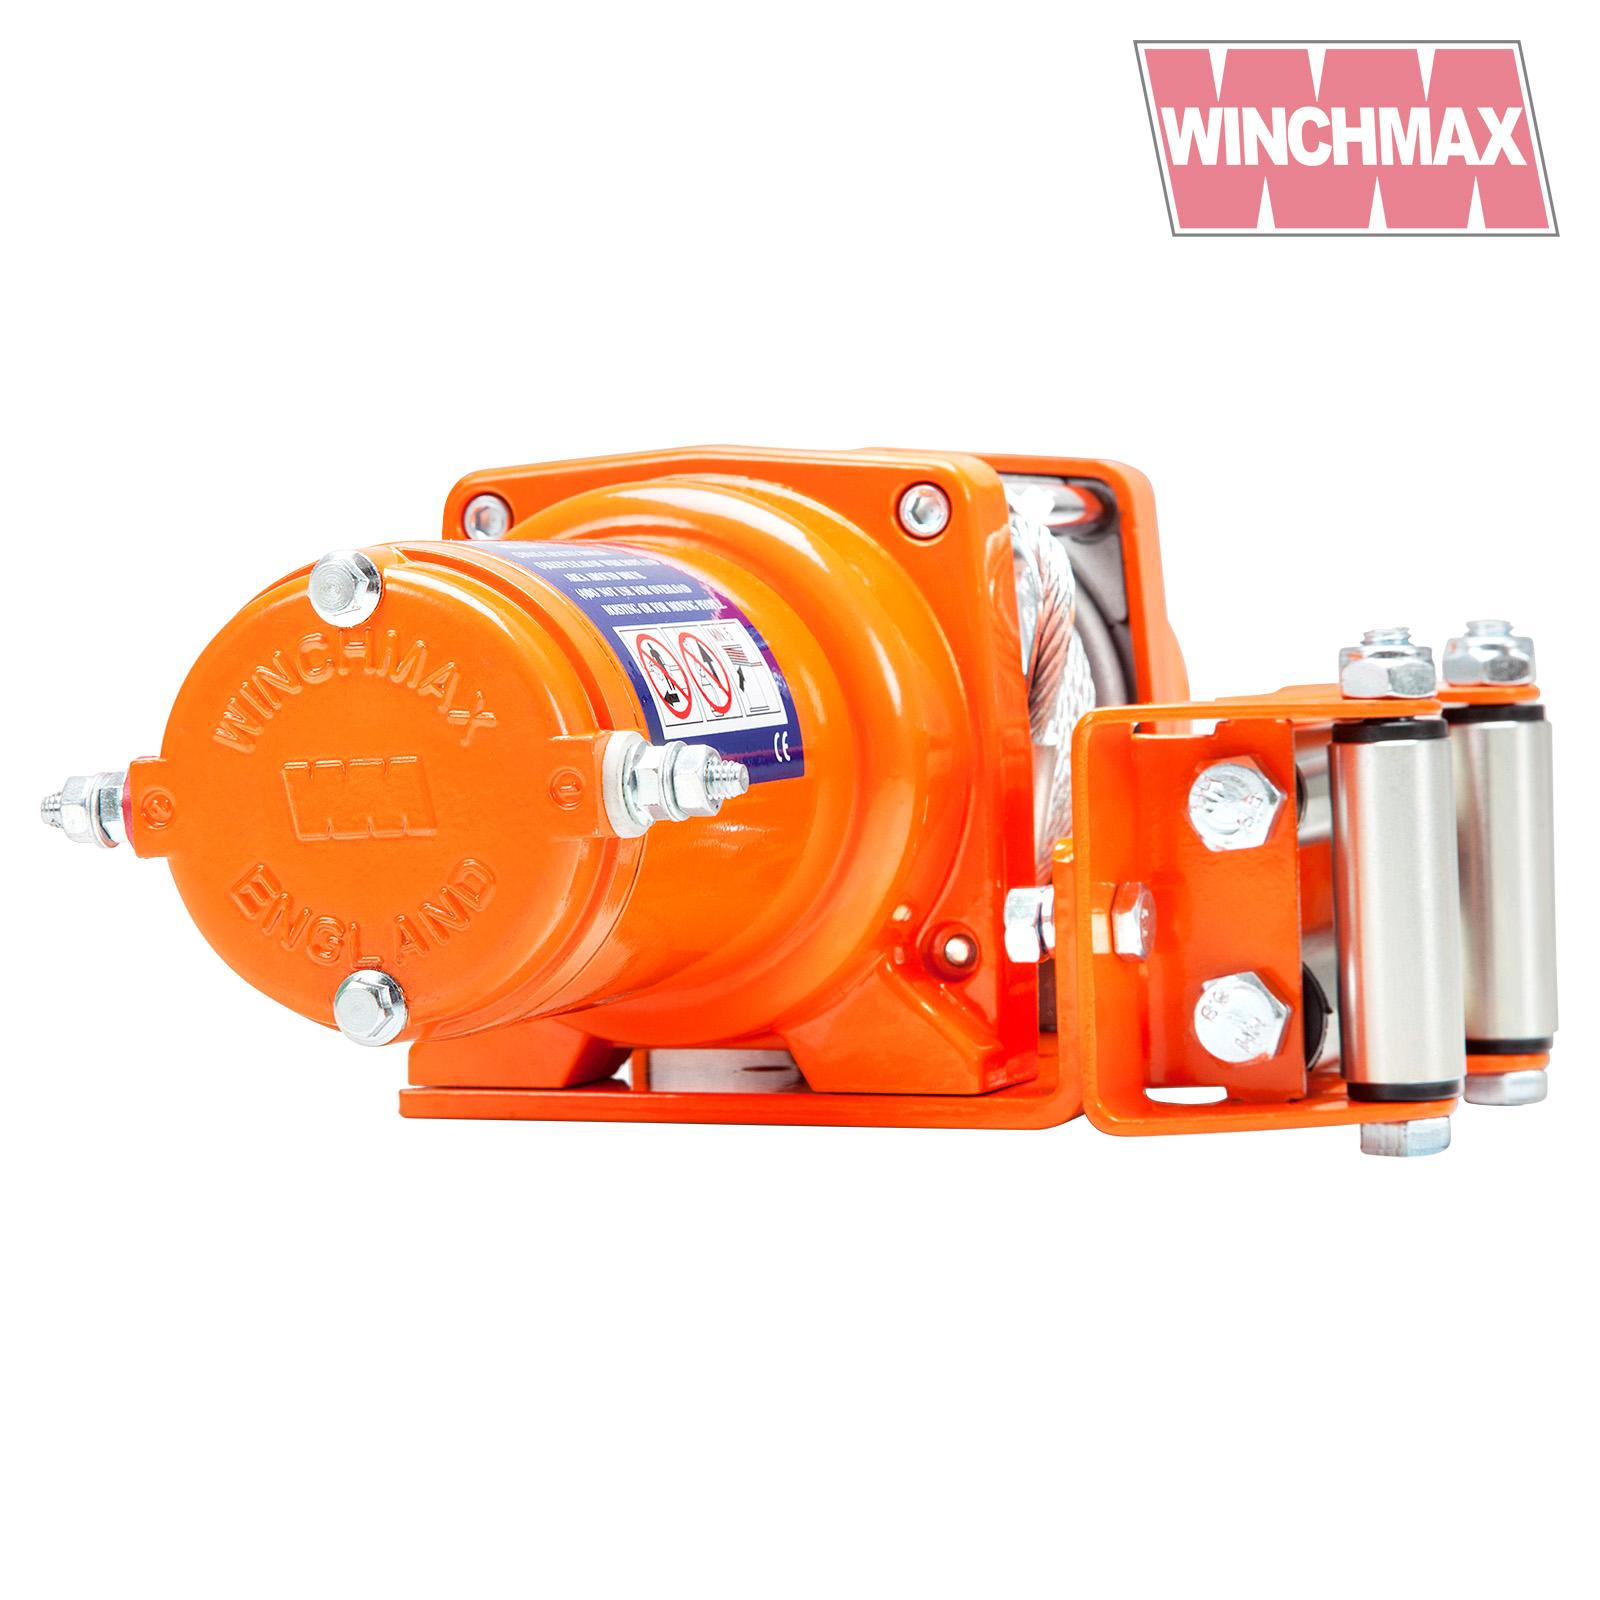 Wm300012vr winchmax 368